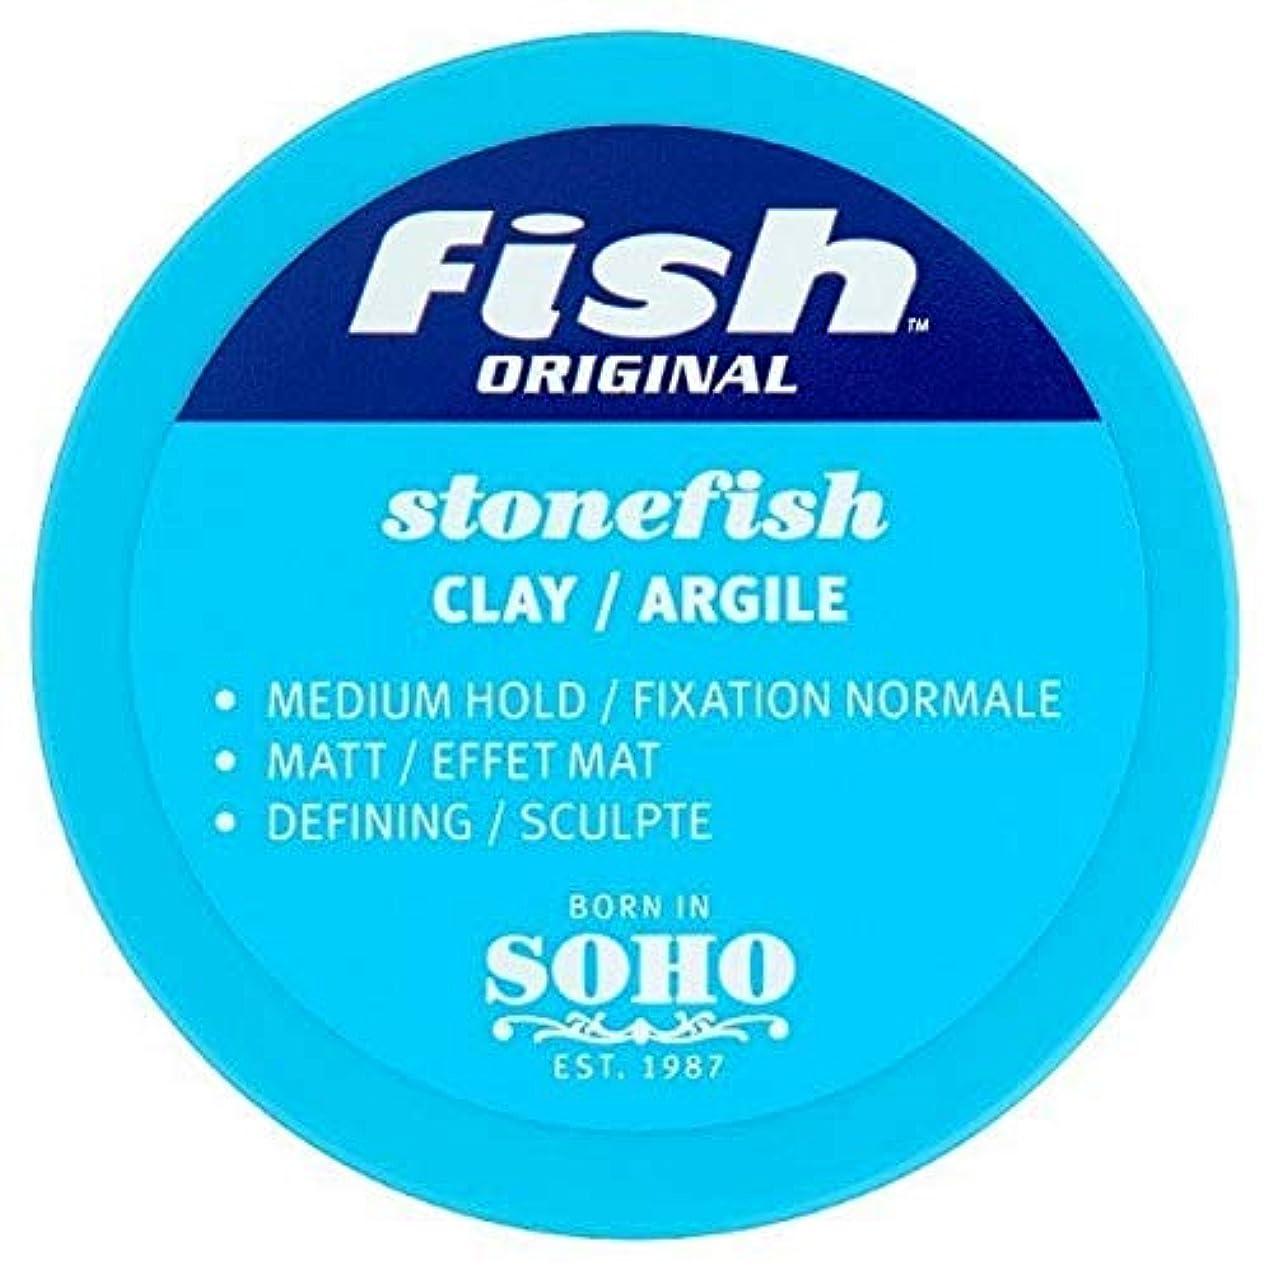 コンセンサス承認する保険をかける[Fish Soho] 魚本来のオニダルマオコゼマット粘土70ミリリットル - Fish Original Stonefish Matt Clay 70ml [並行輸入品]